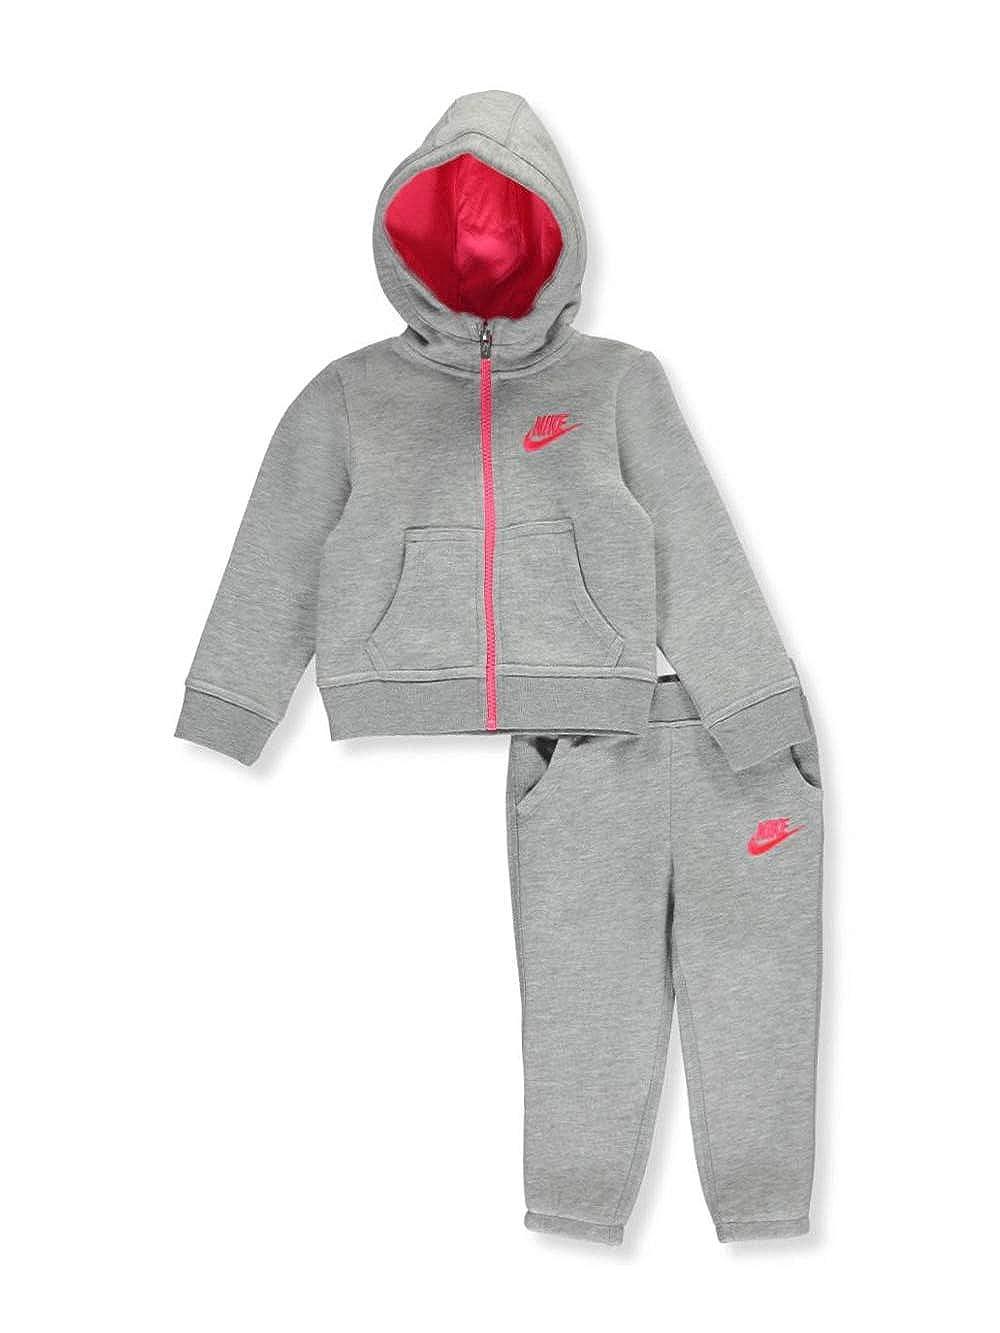 Nike Chándal Little Girl Gris FUKSIA Gris 6/9 Meses: Amazon.es ...